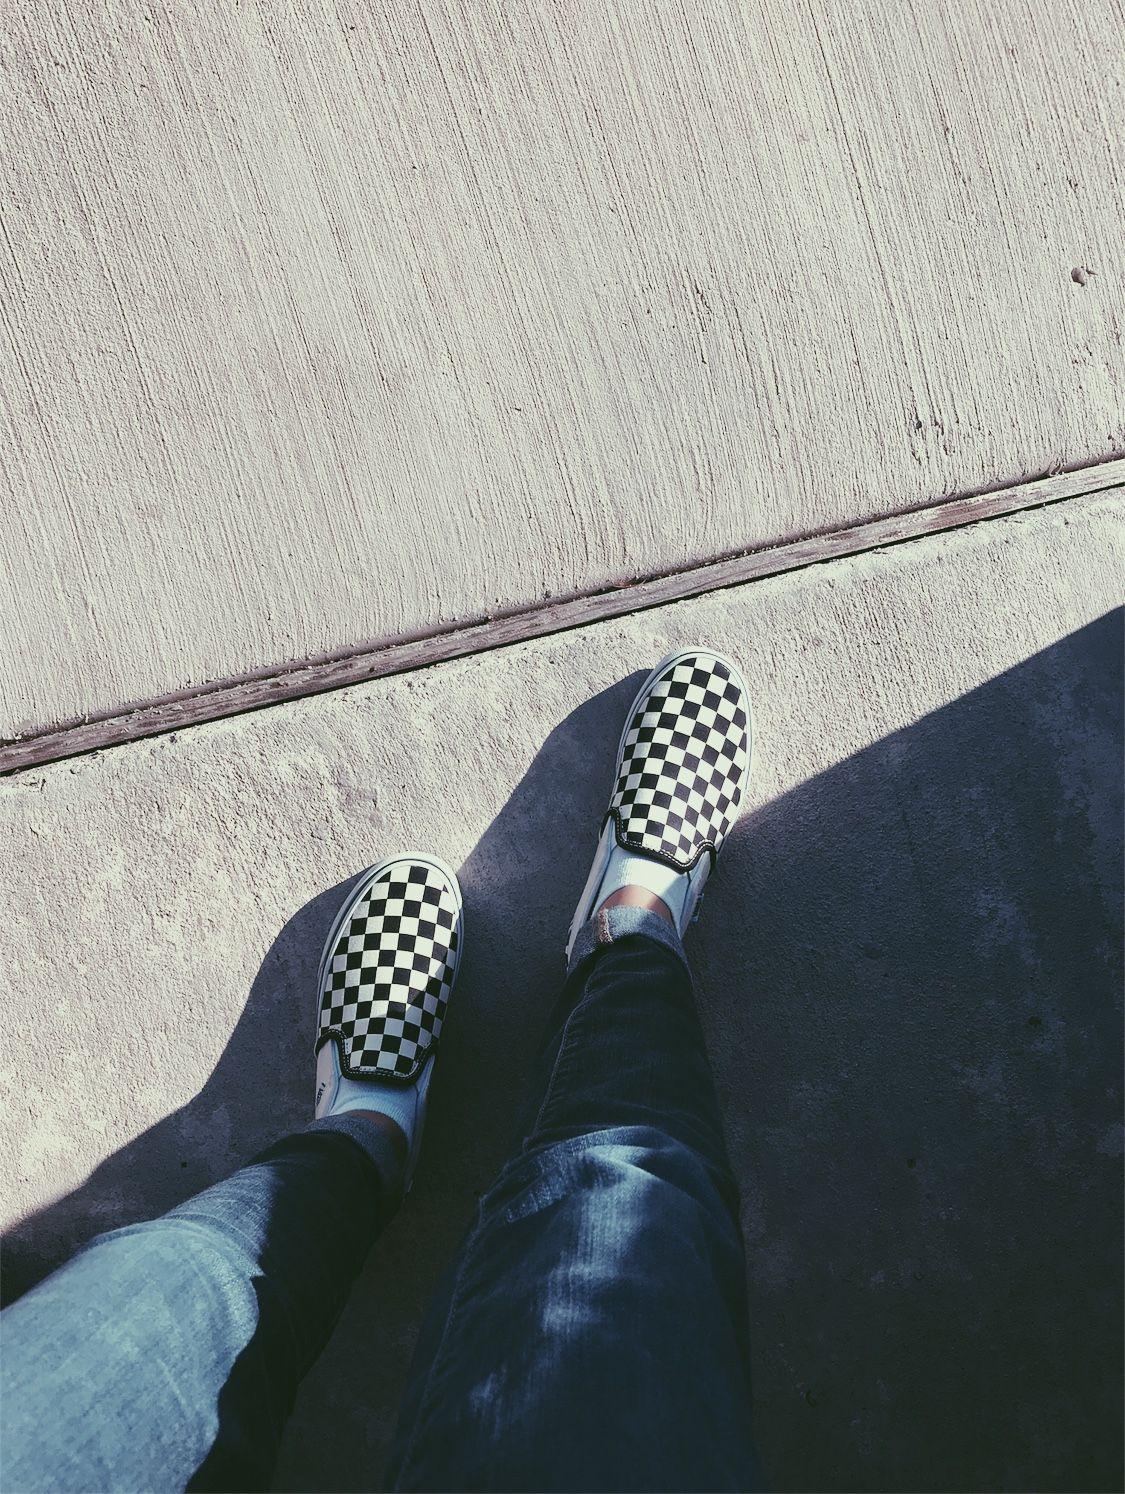 Vans Checkerboard Shoes Sunlight Black White Vsco Aesthetic